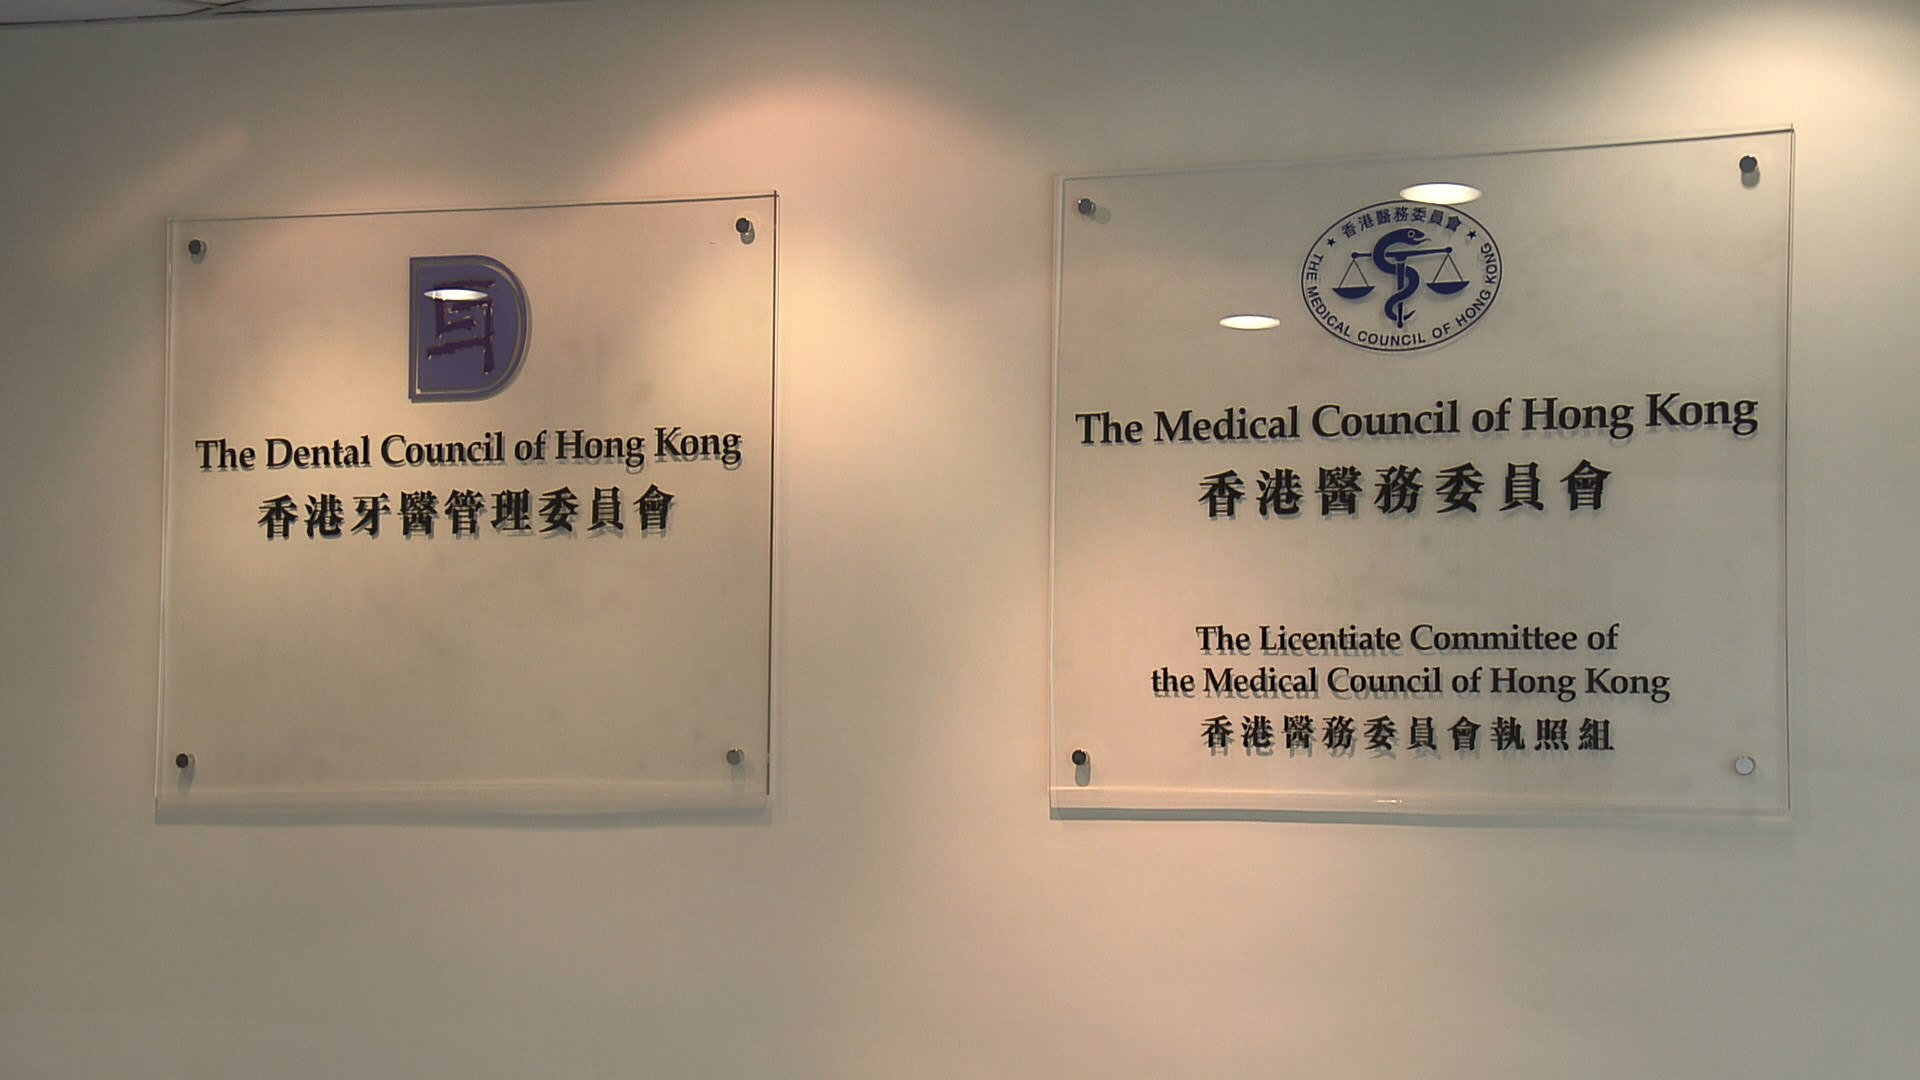 醫委會委員提第五方案交大會討論